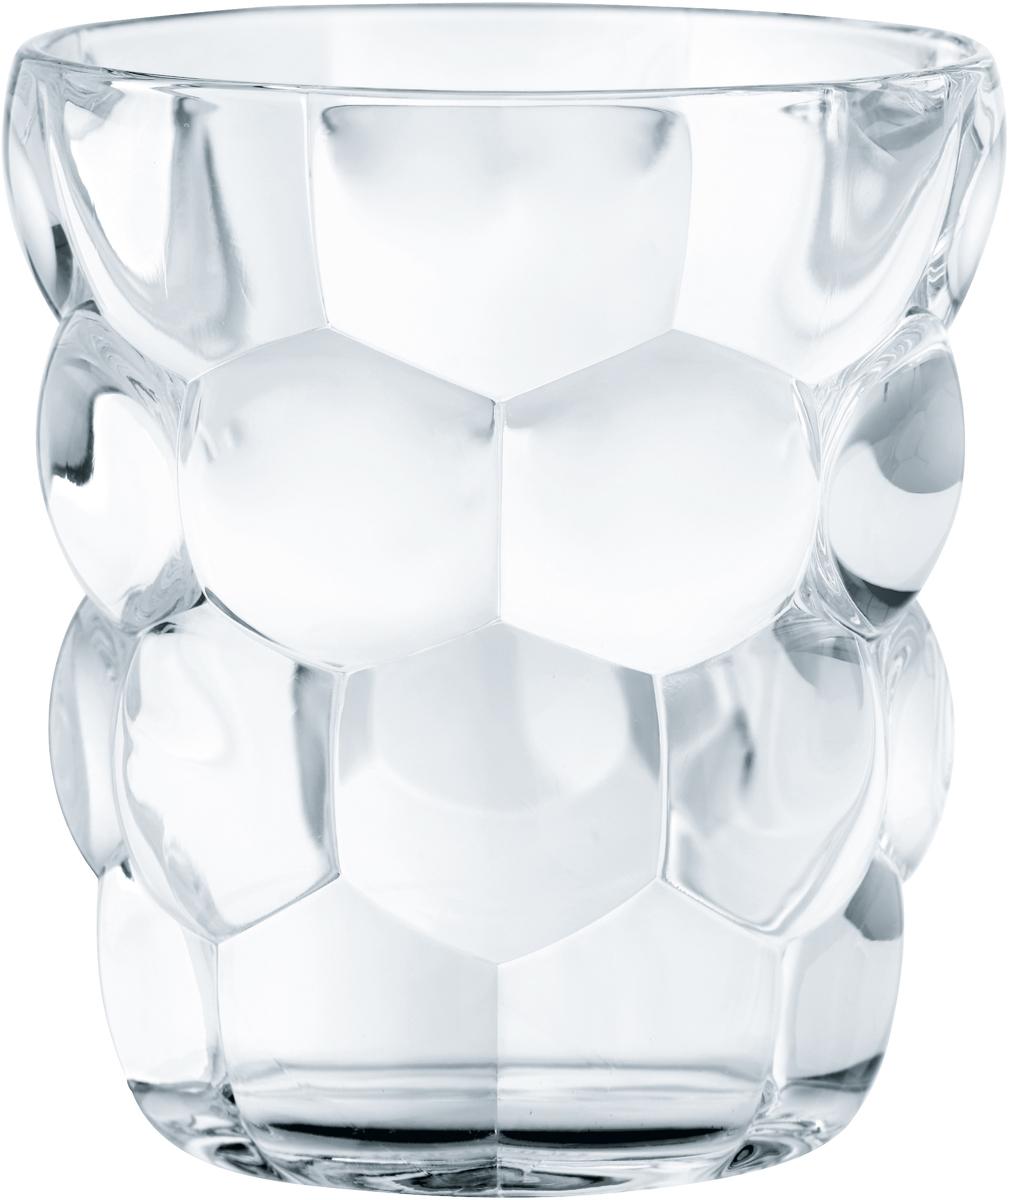 Набор стаканов Nachtmann Bubbles, 315 мл, 4 шт99531Набор Nachtmann Bubbles, выполненный из прозрачного бессвинцового хрусталя сузором пузырьки, состоит из четырех стаканов. Рельефная поверхность стакана приятноощущается в руке. Такой набор подойдет и для каждодневного использования и украситпраздничный стол.